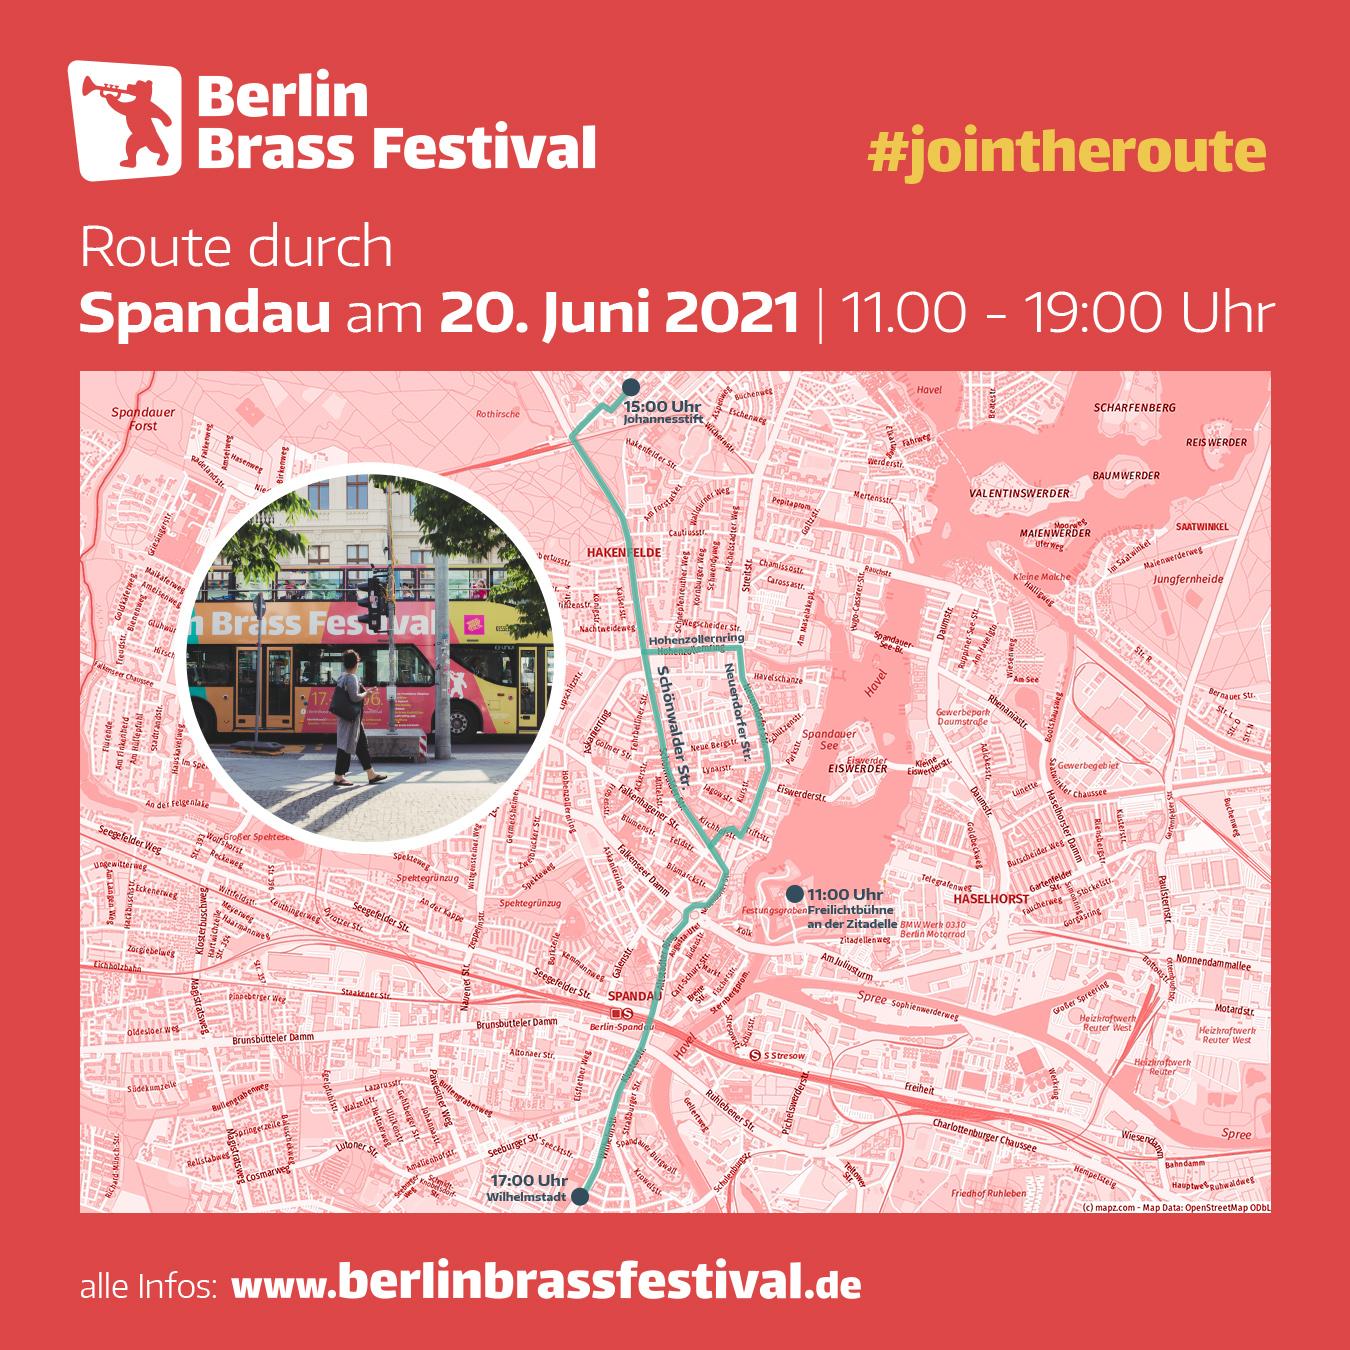 Berlin Brass Festival 2021